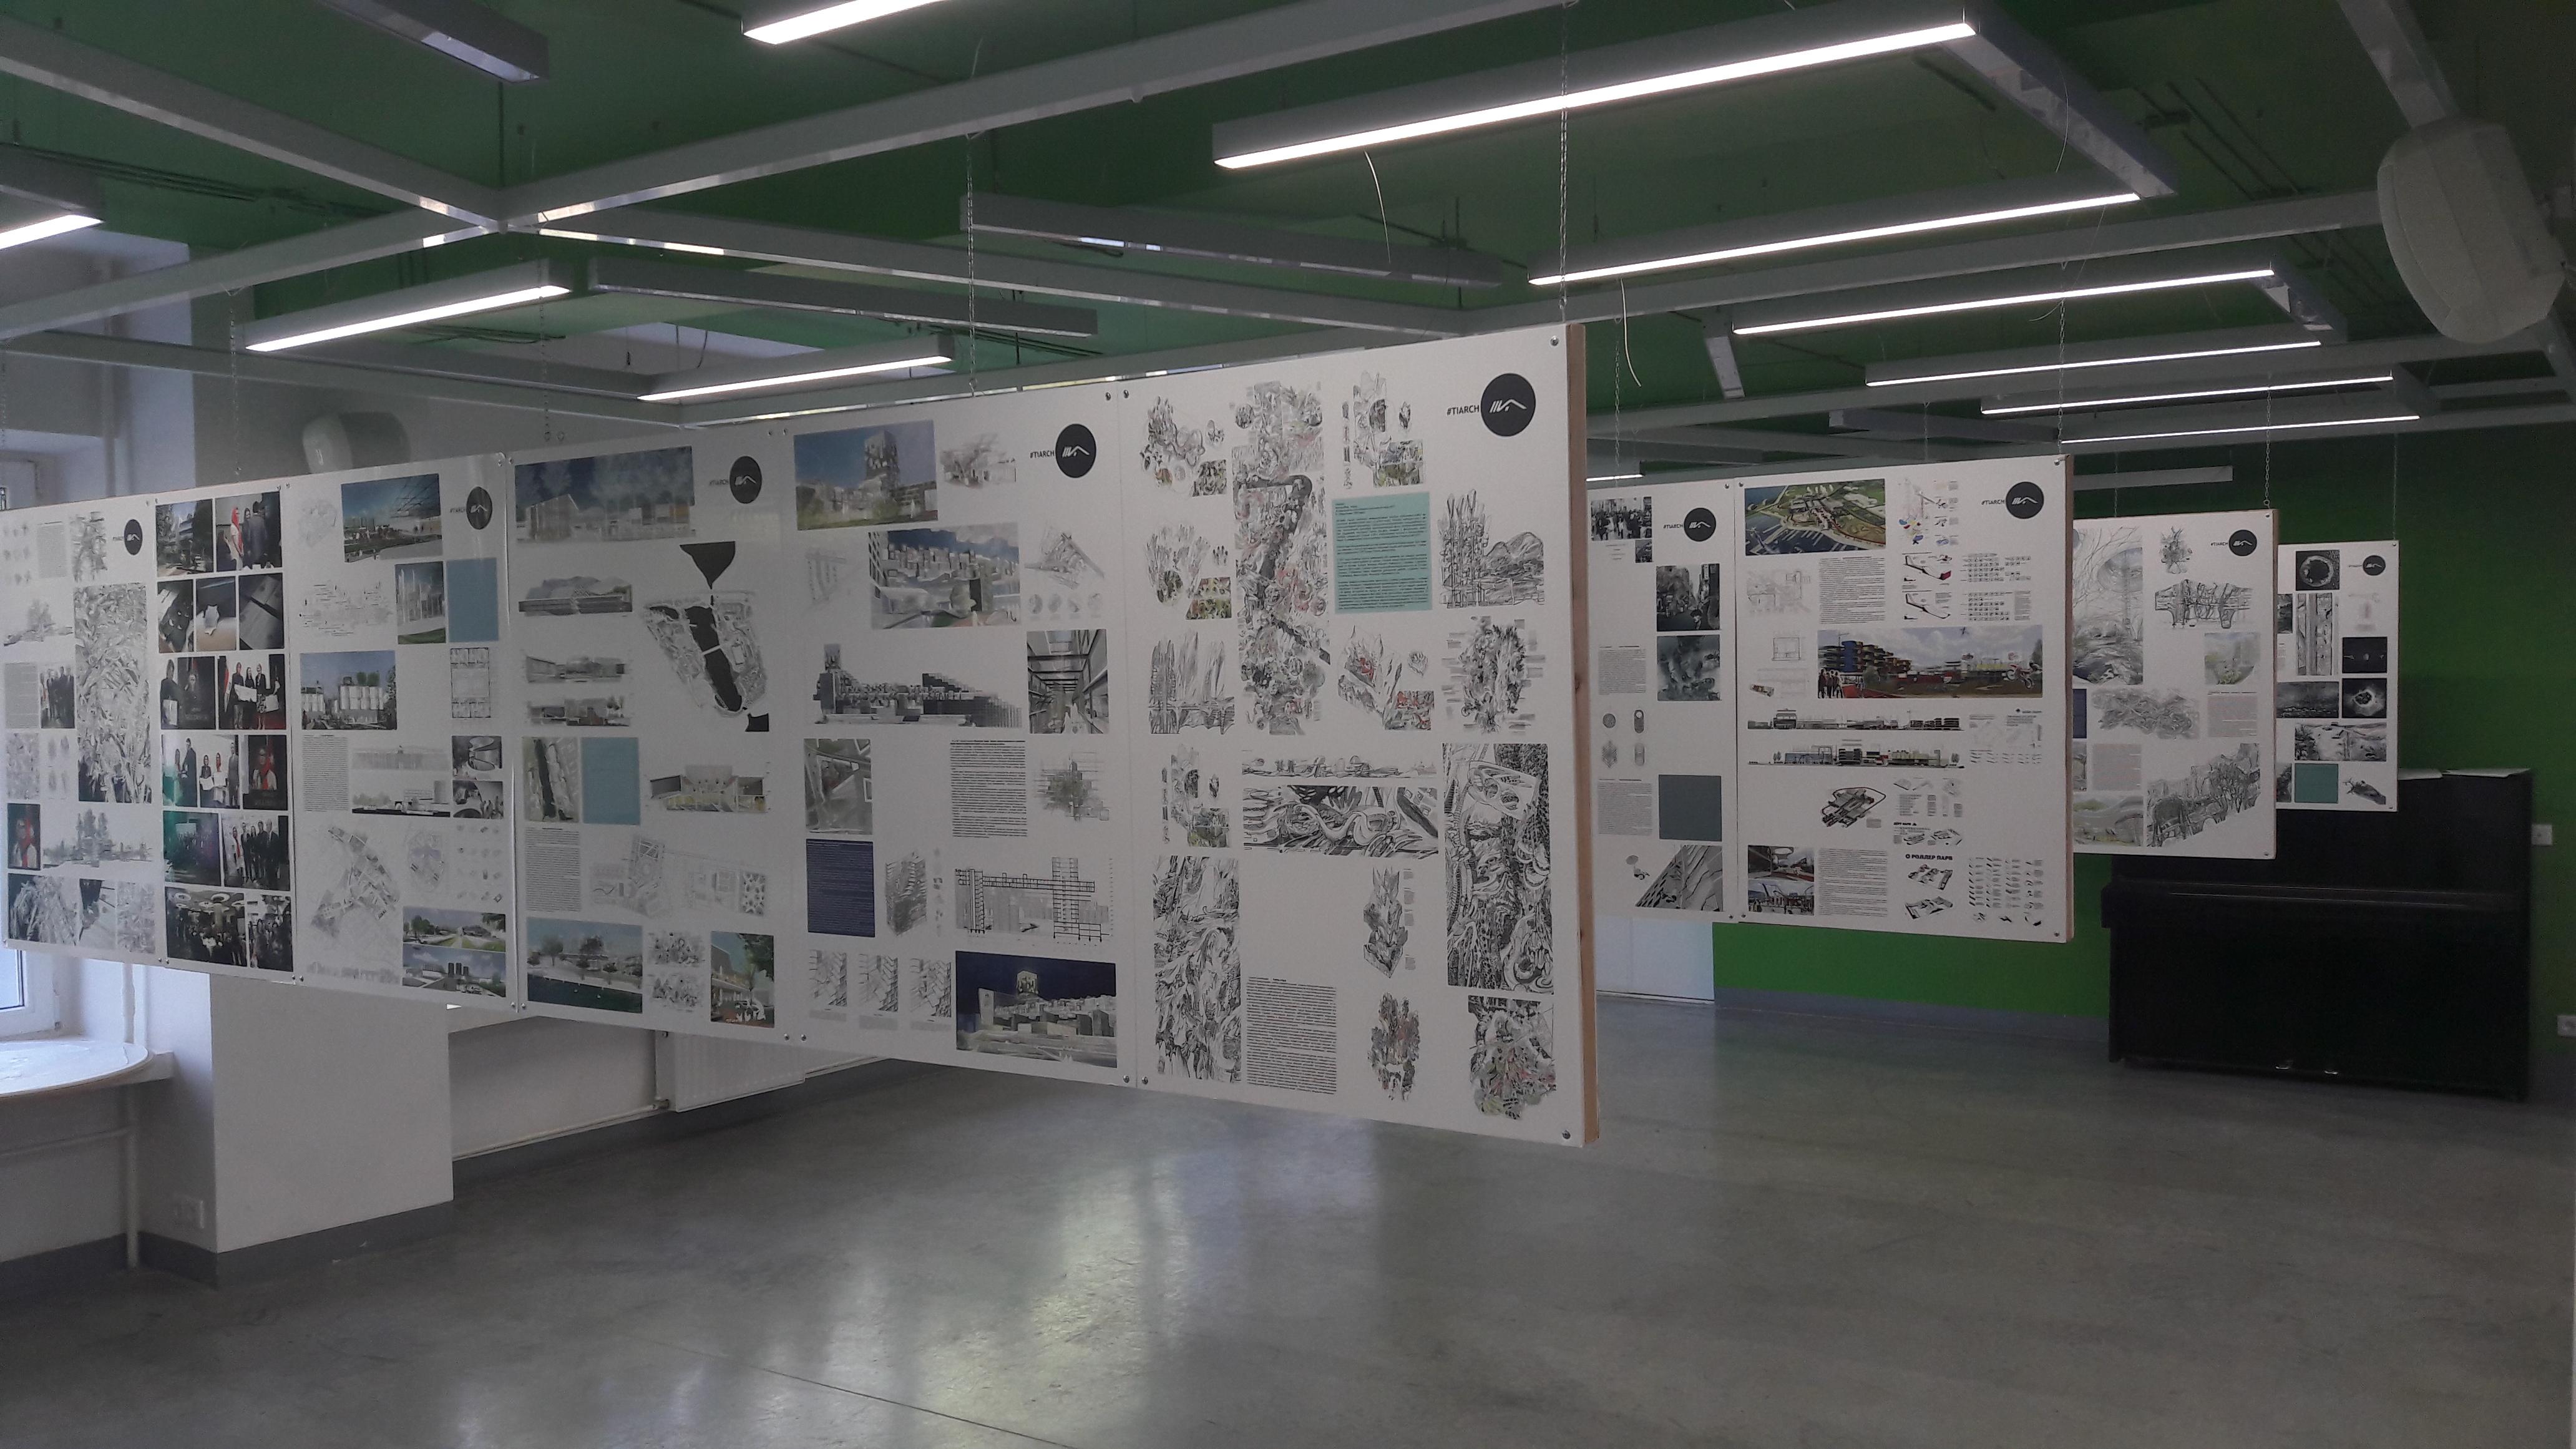 Primeri študentkih projektov.